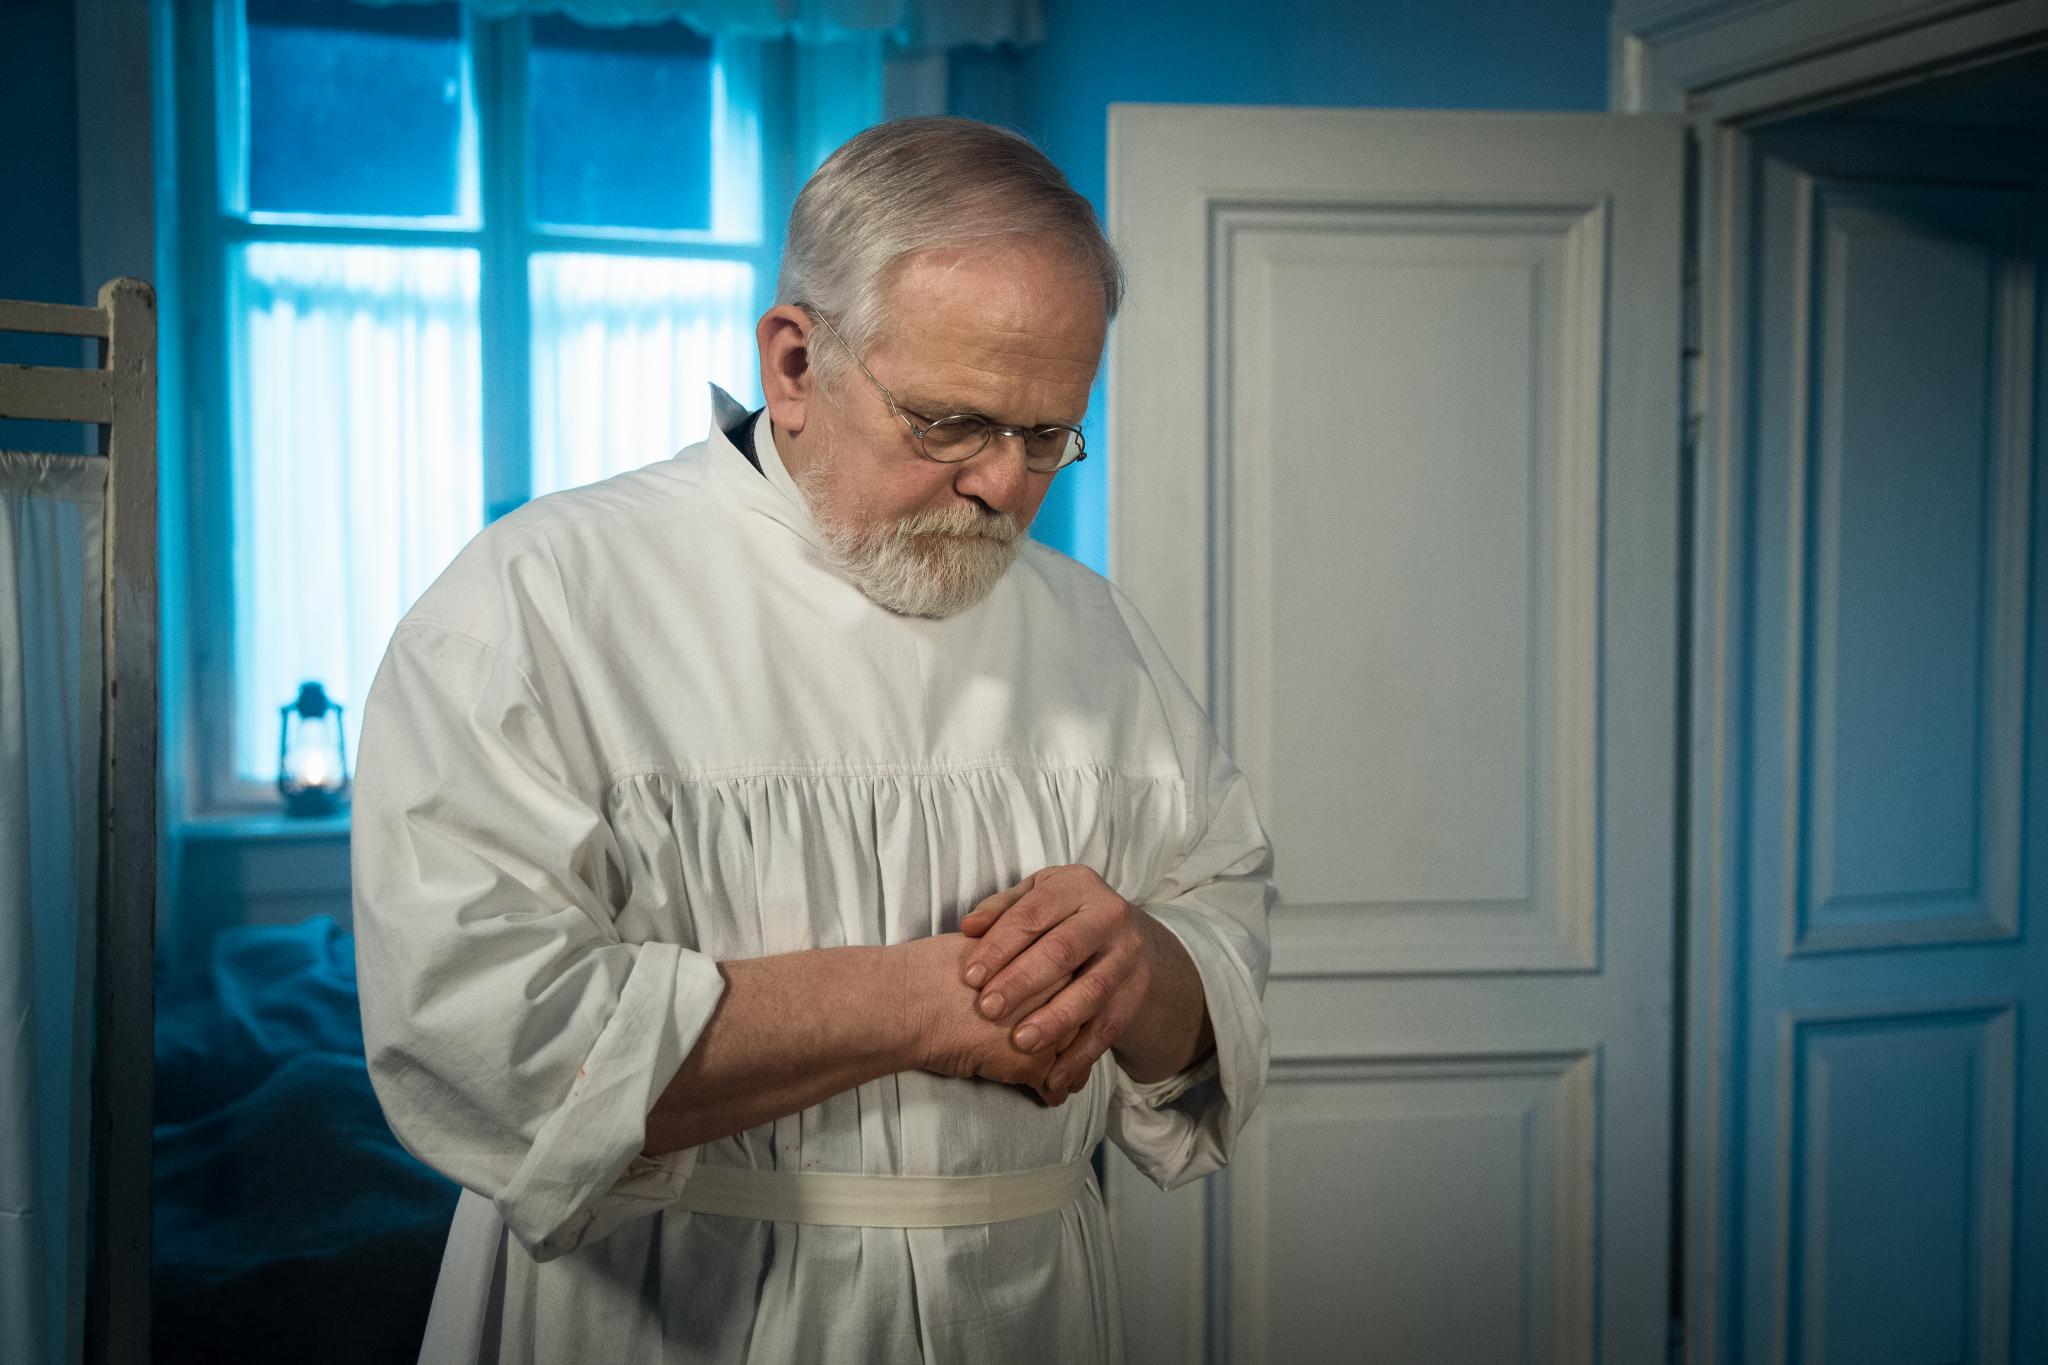 Staniaław Biczysko - Lekarz